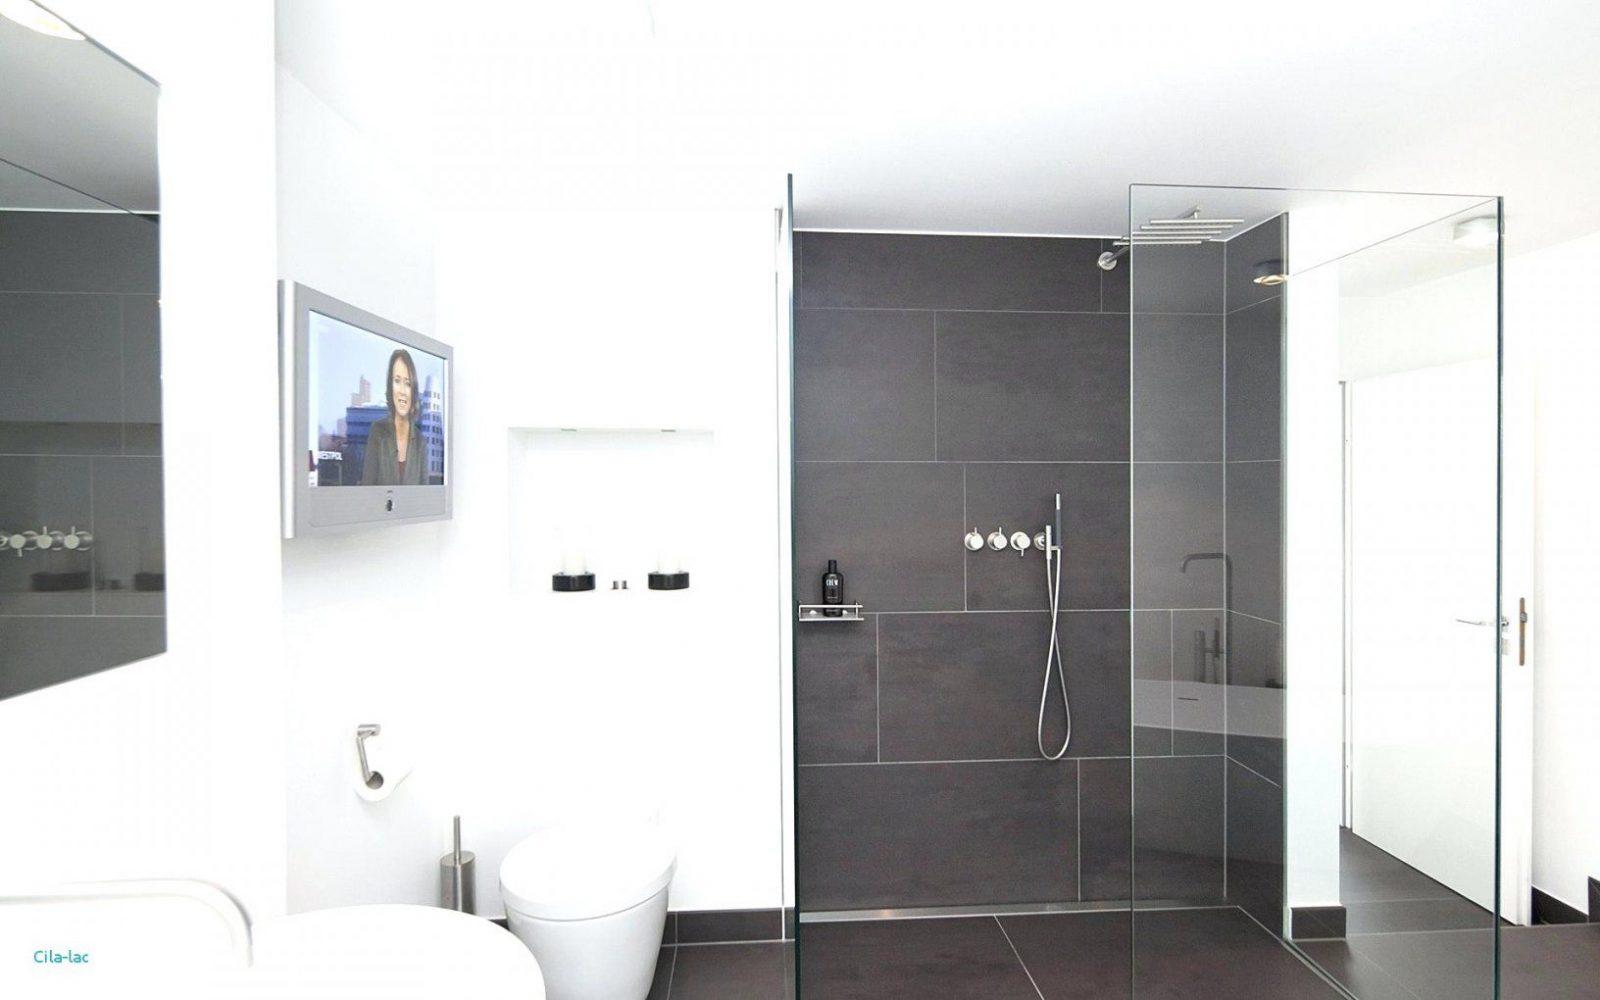 Badezimmer Fliesen Mit Spiegel Mit Beleuchtung Nach Maß Neu von Spiegelschrank Für Kleines Bad Bild